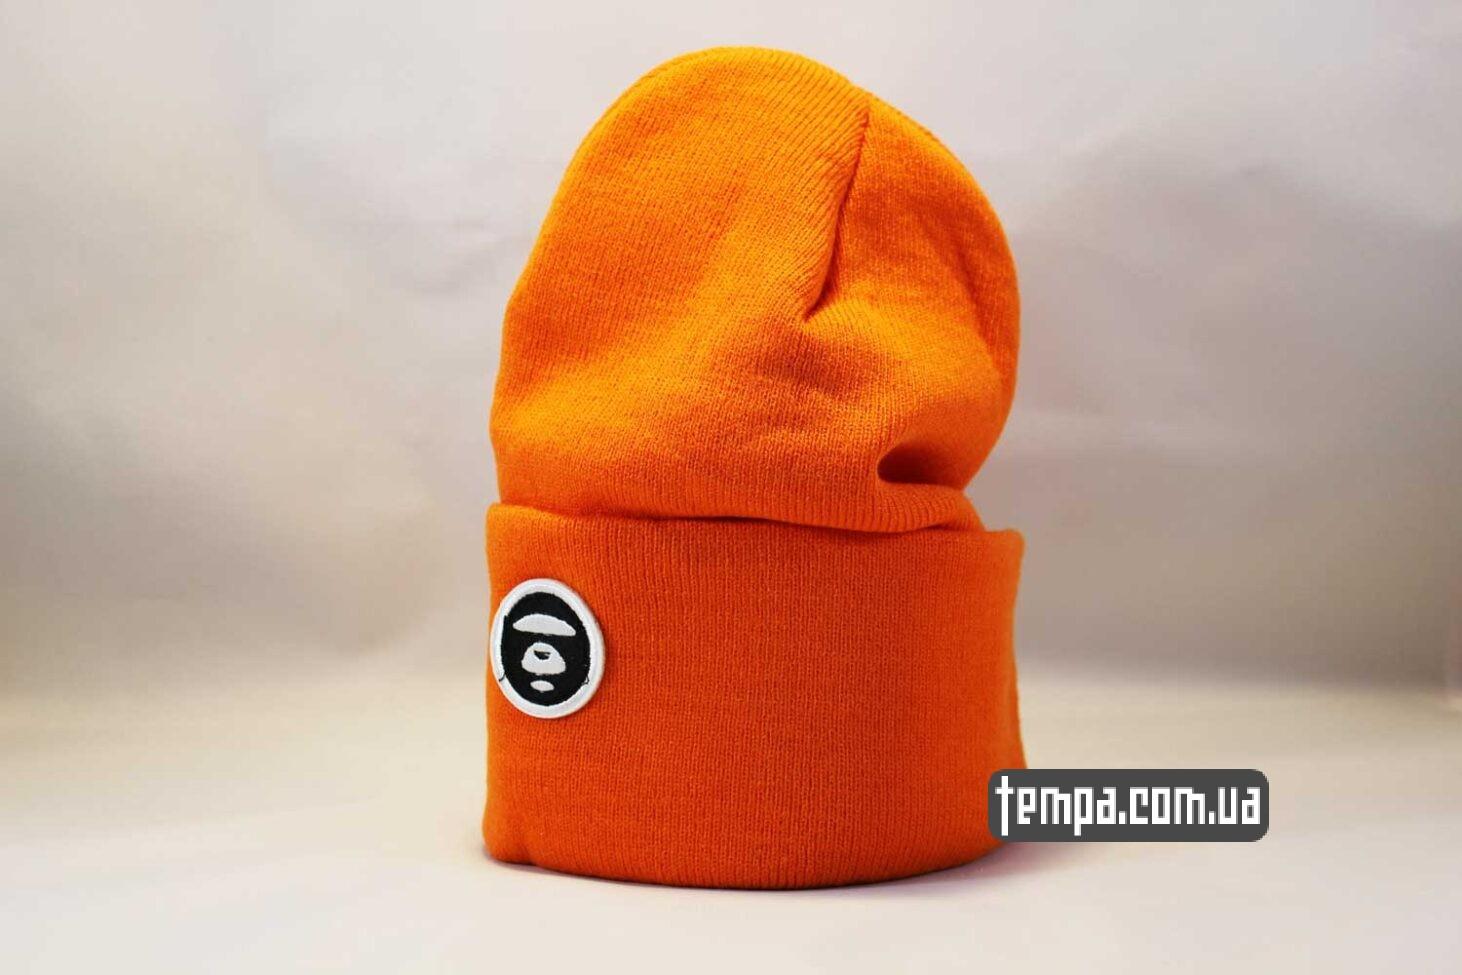 шапка beanie Aape оранжевая яркая купить Украина